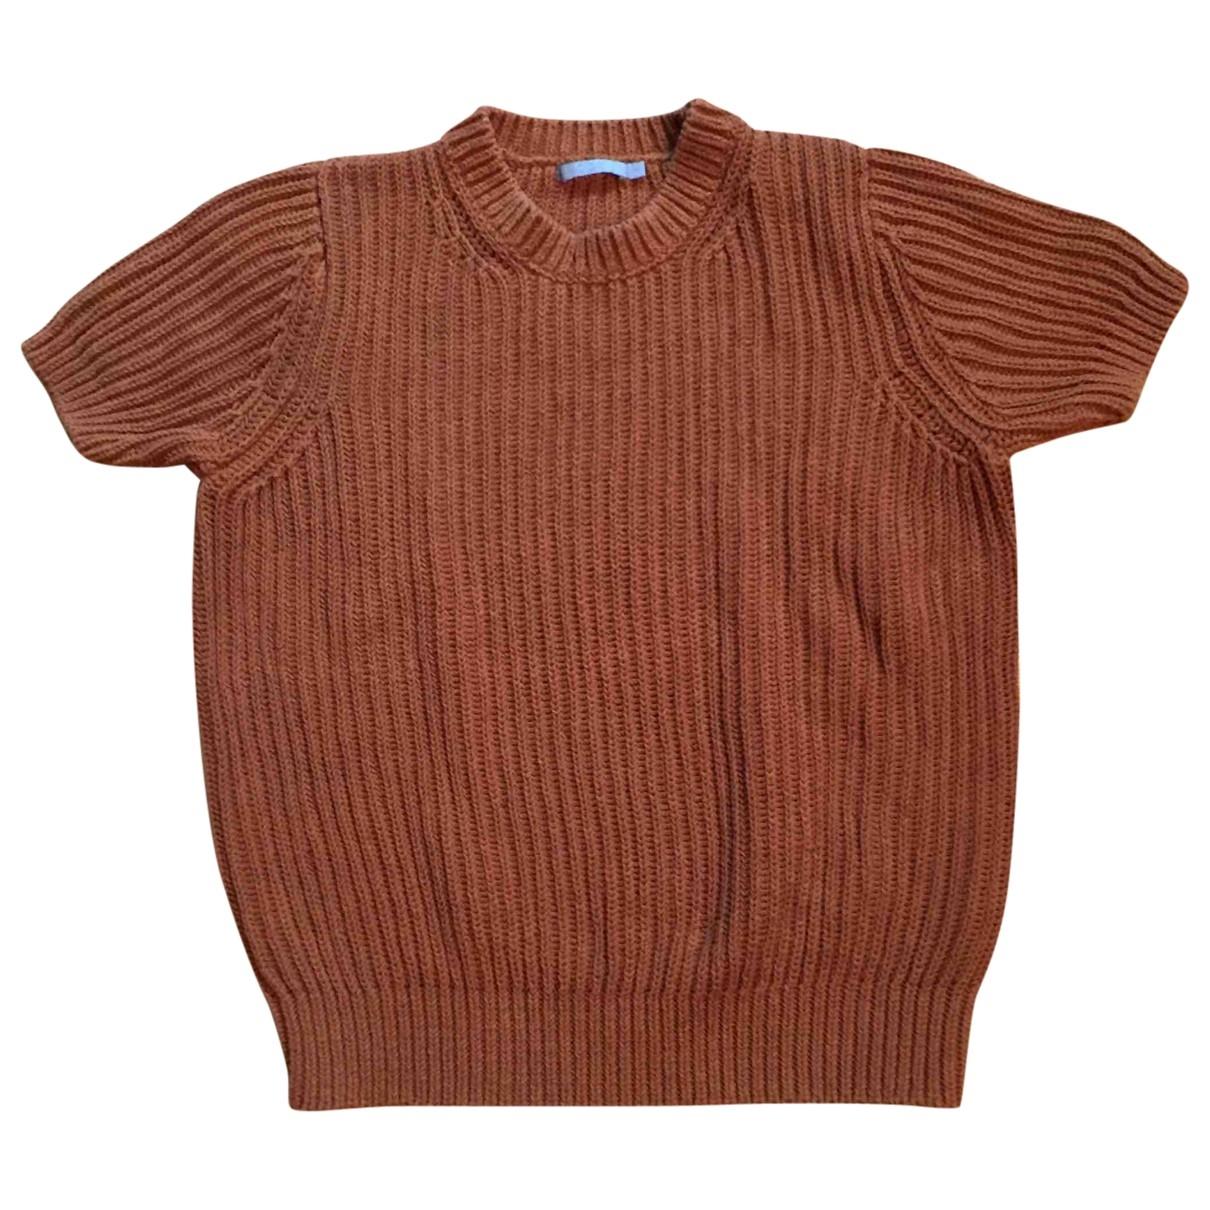 Cos \N Pullover in  Beige Baumwolle